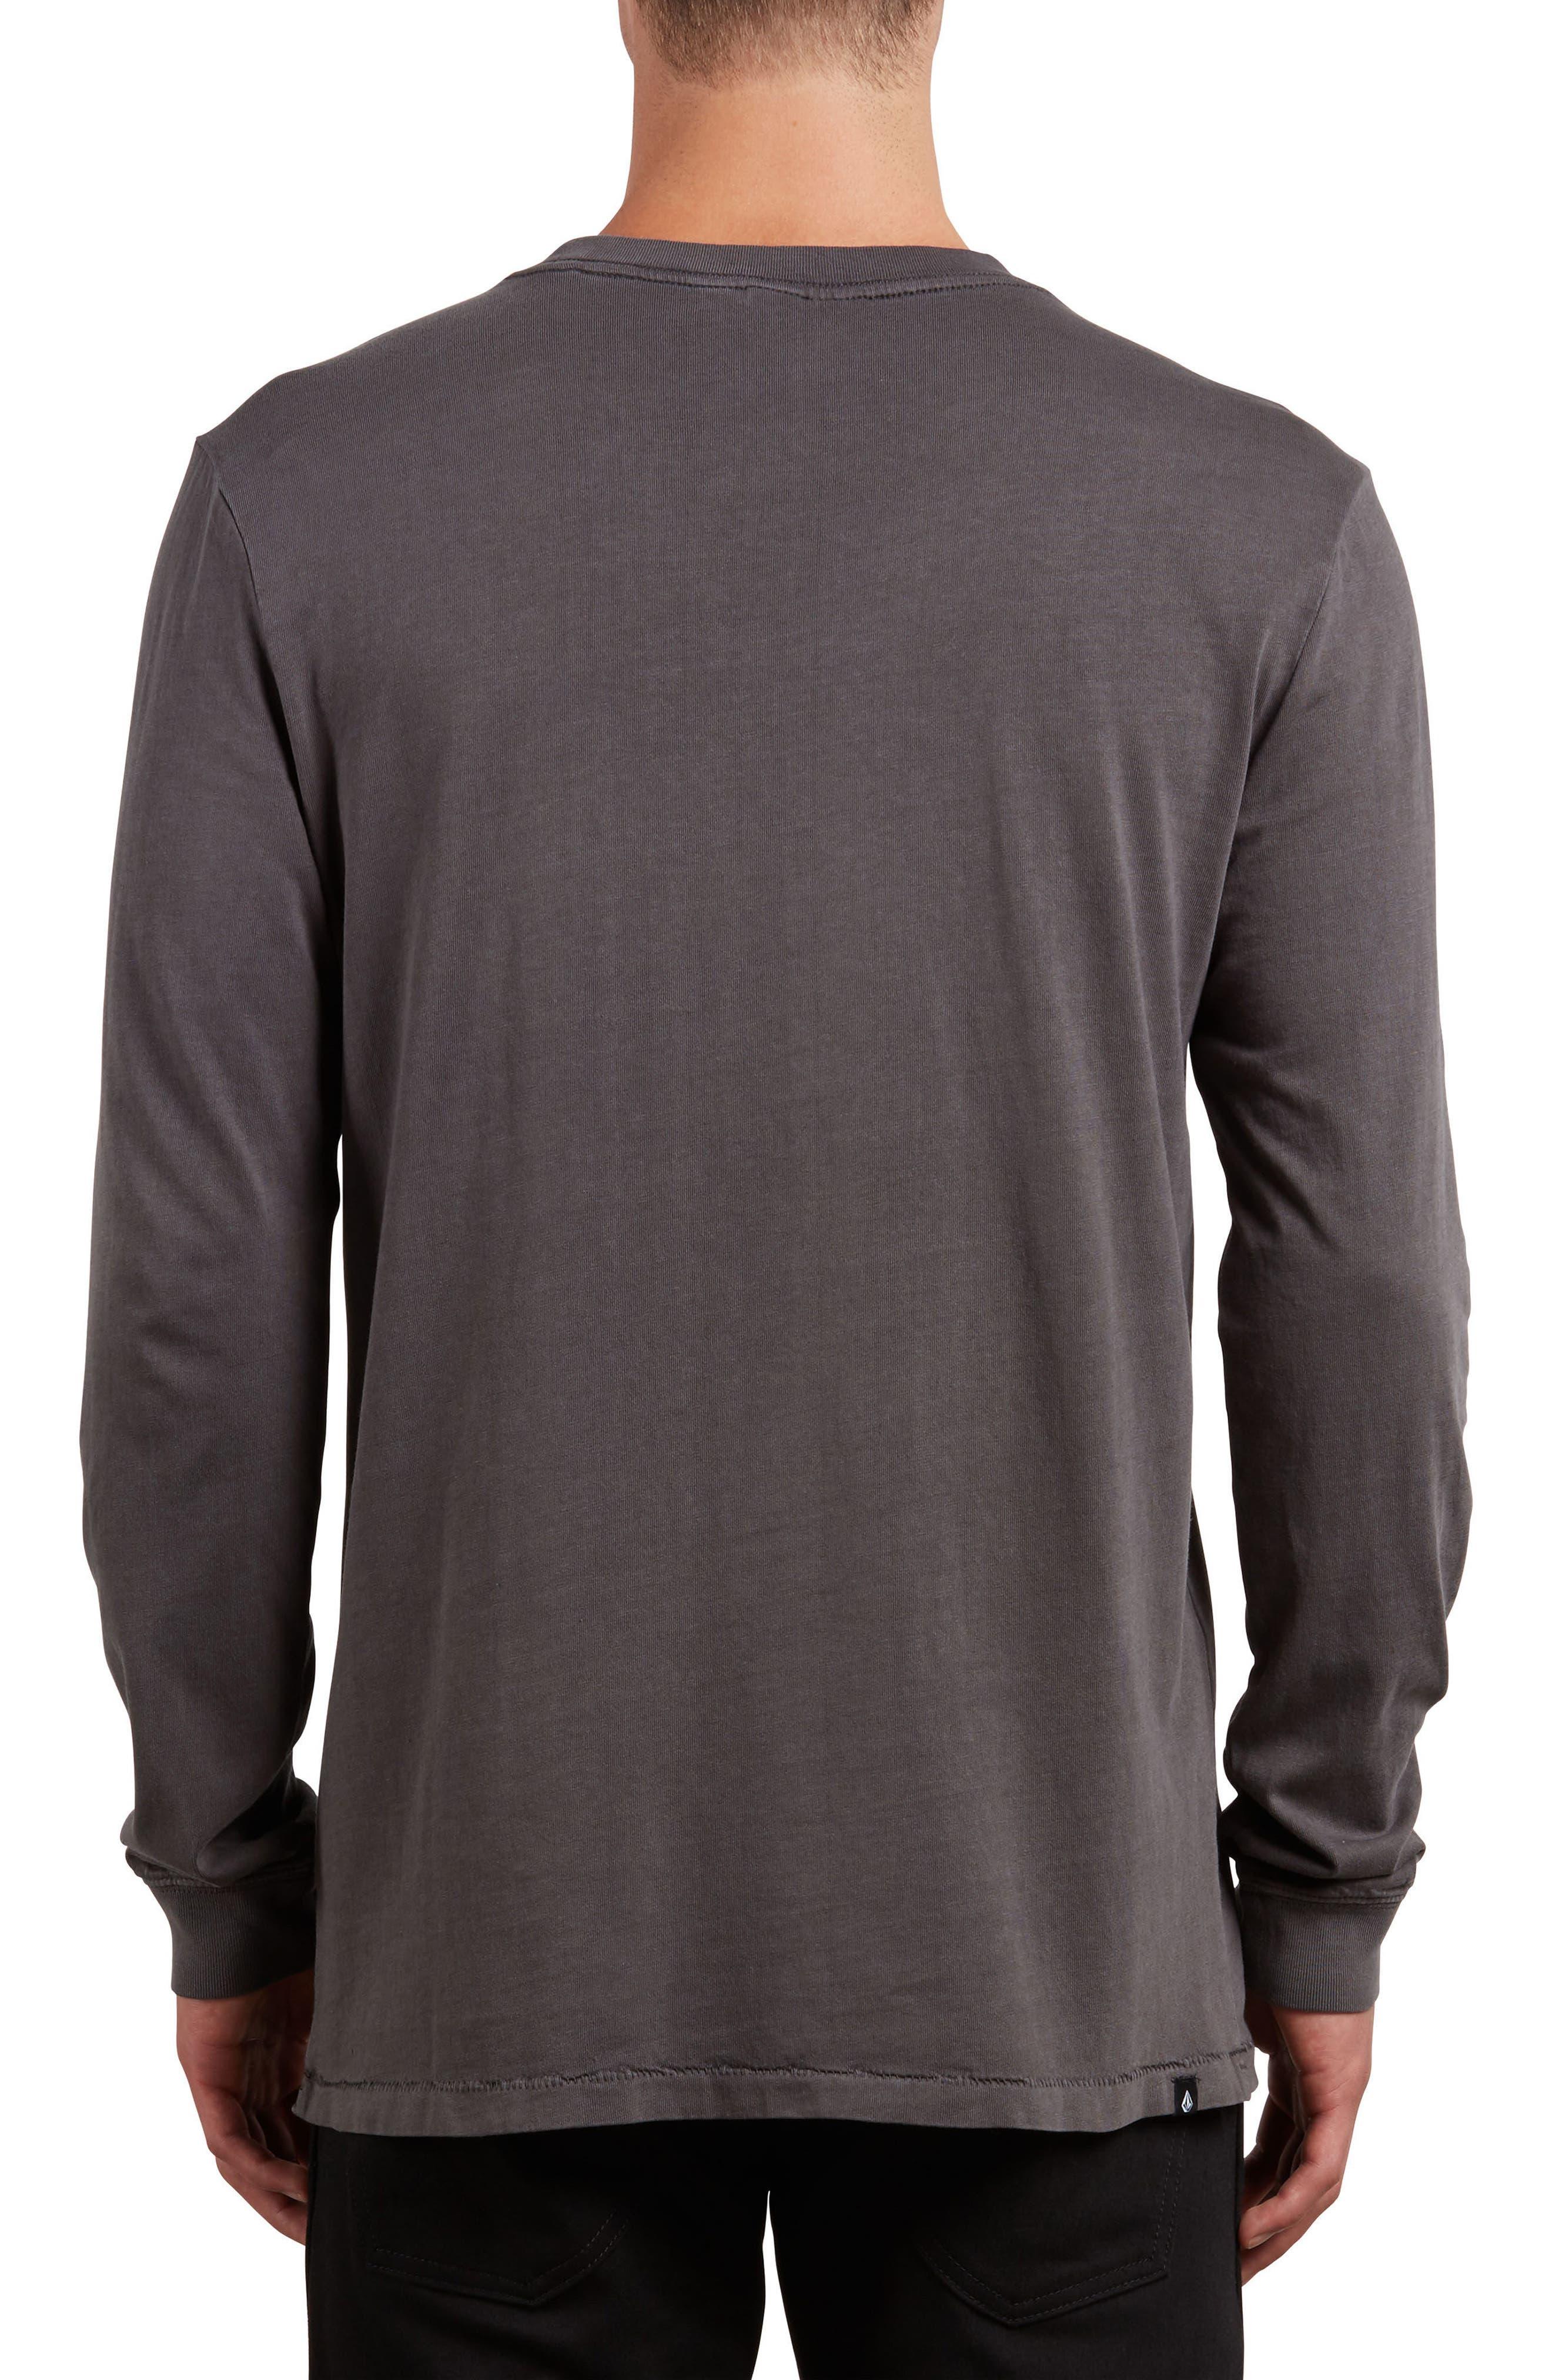 Freestate Knit T-Shirt,                             Alternate thumbnail 2, color,                             Black